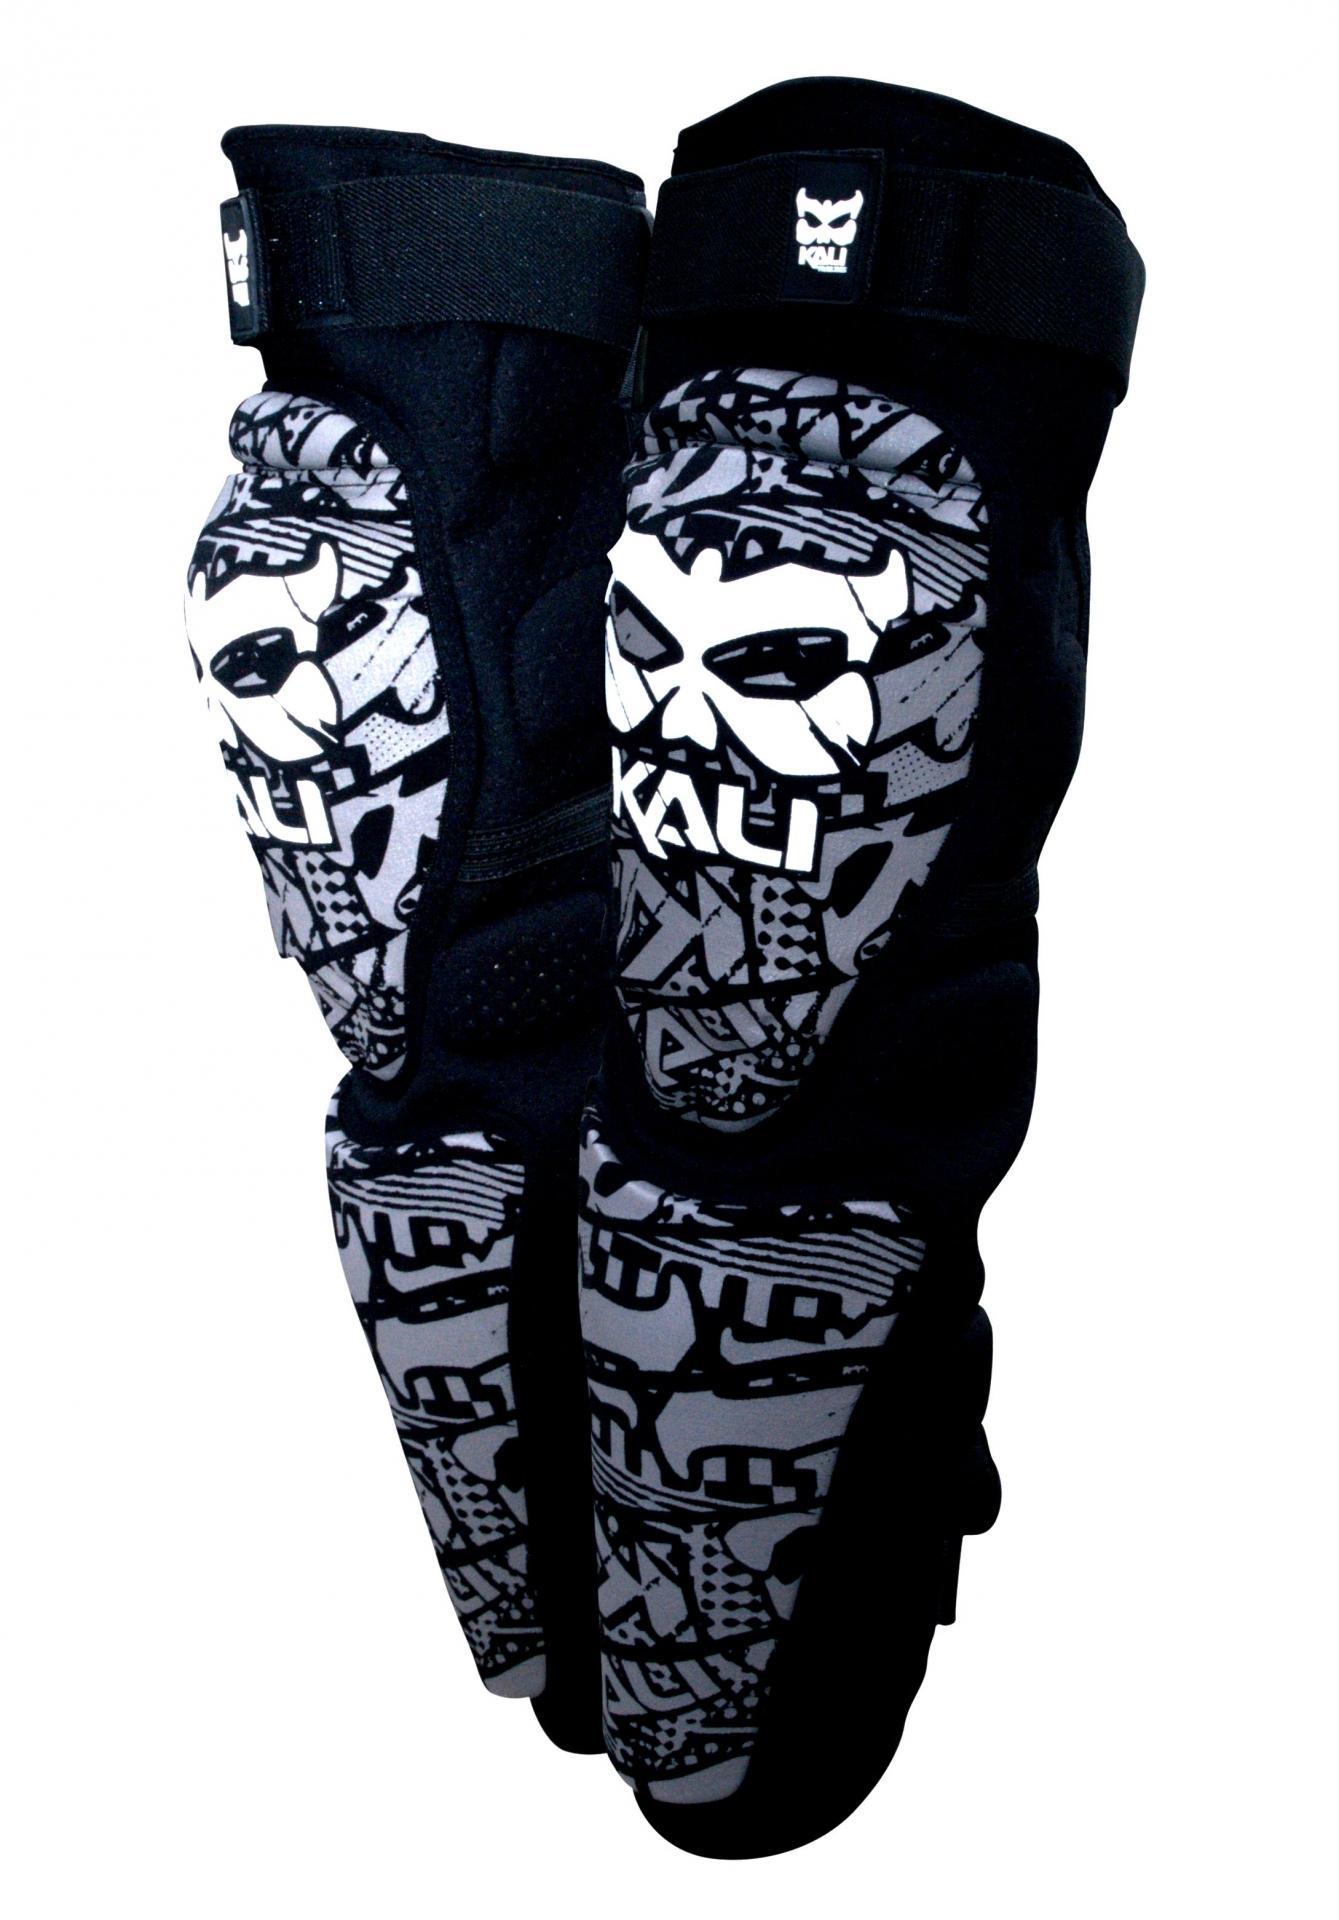 Genouillères Kali Protectives Aazis Plus 180 Soft Noires - S